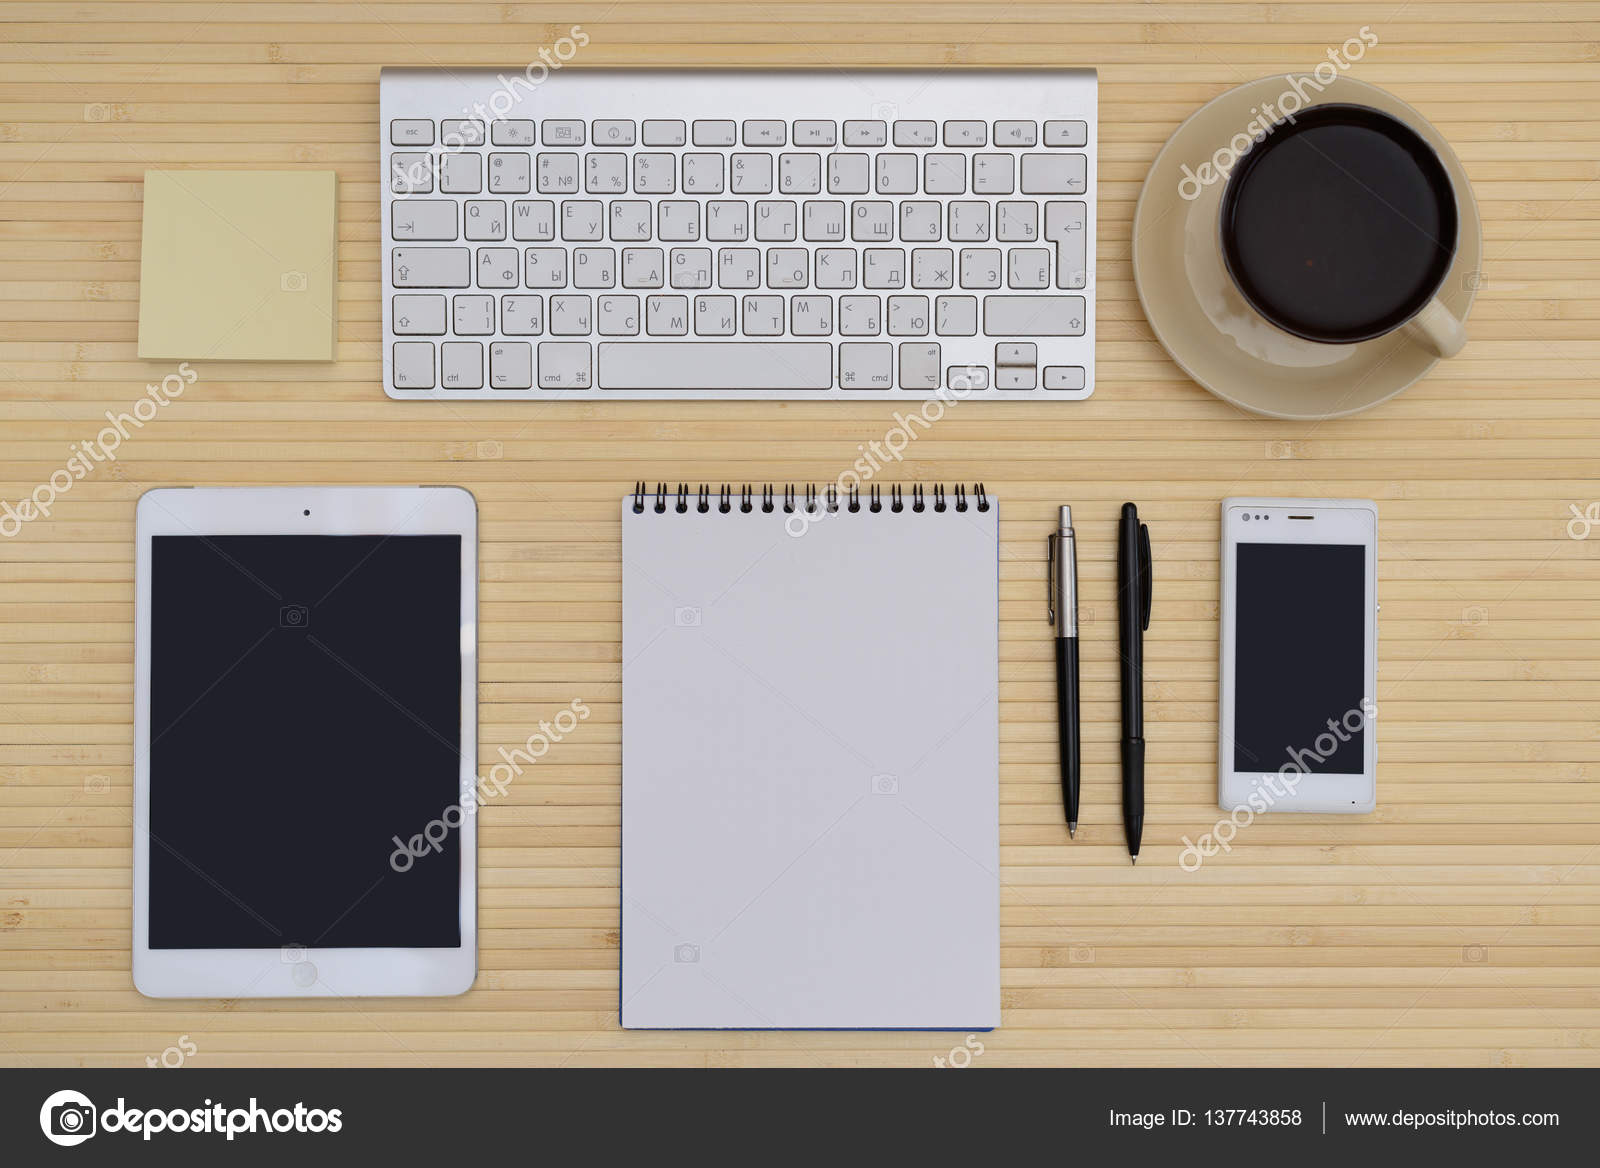 Scrivania In Legno Chiaro : Scrivania con tastiera mouse e penna su un tavolo in legno chiaro